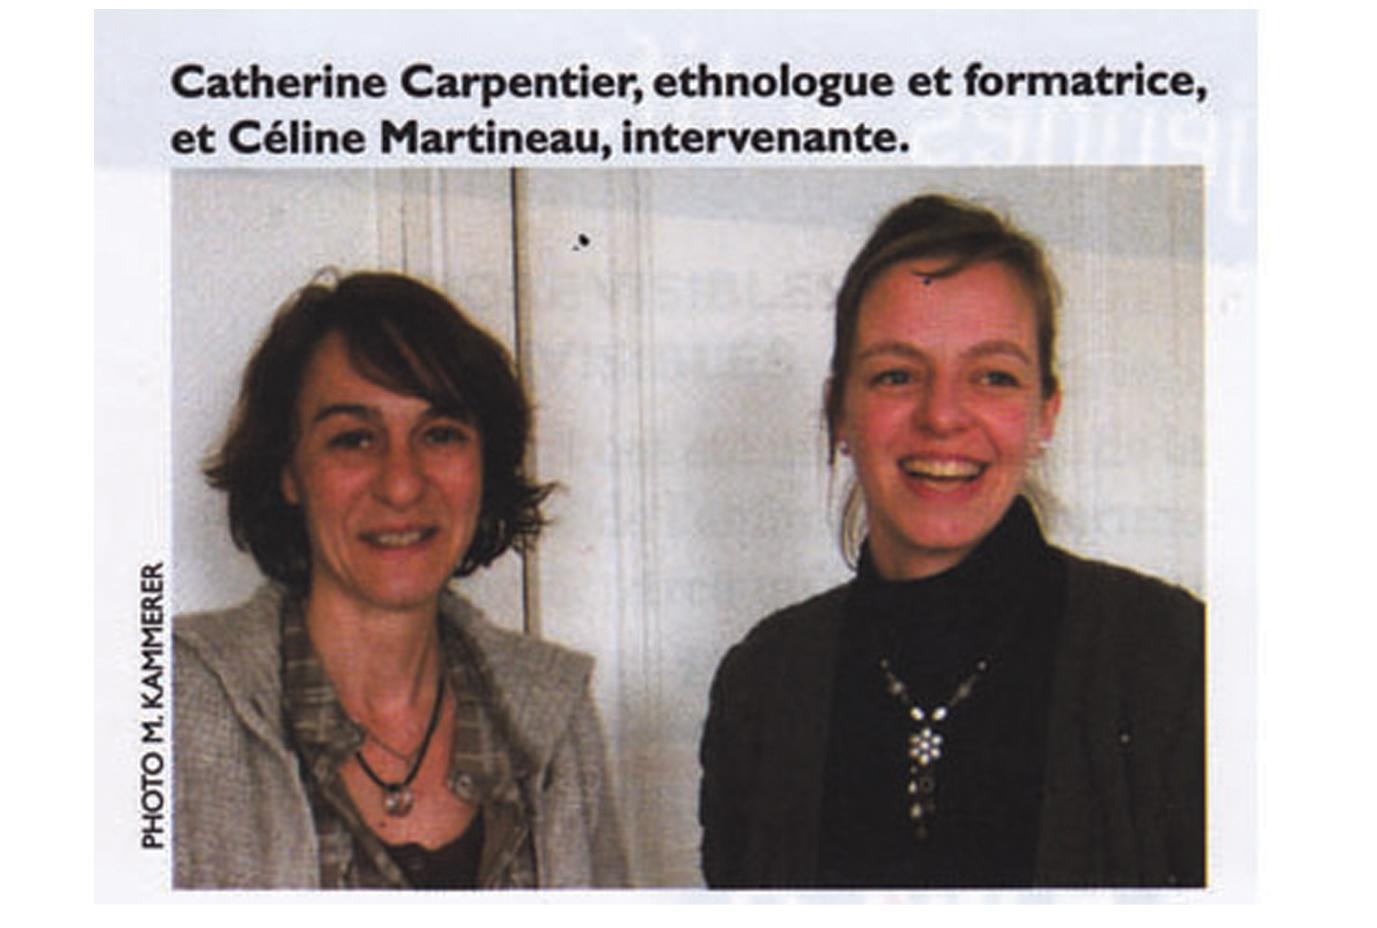 6 Les carnets # Lien Social n°1110 20Juin2013